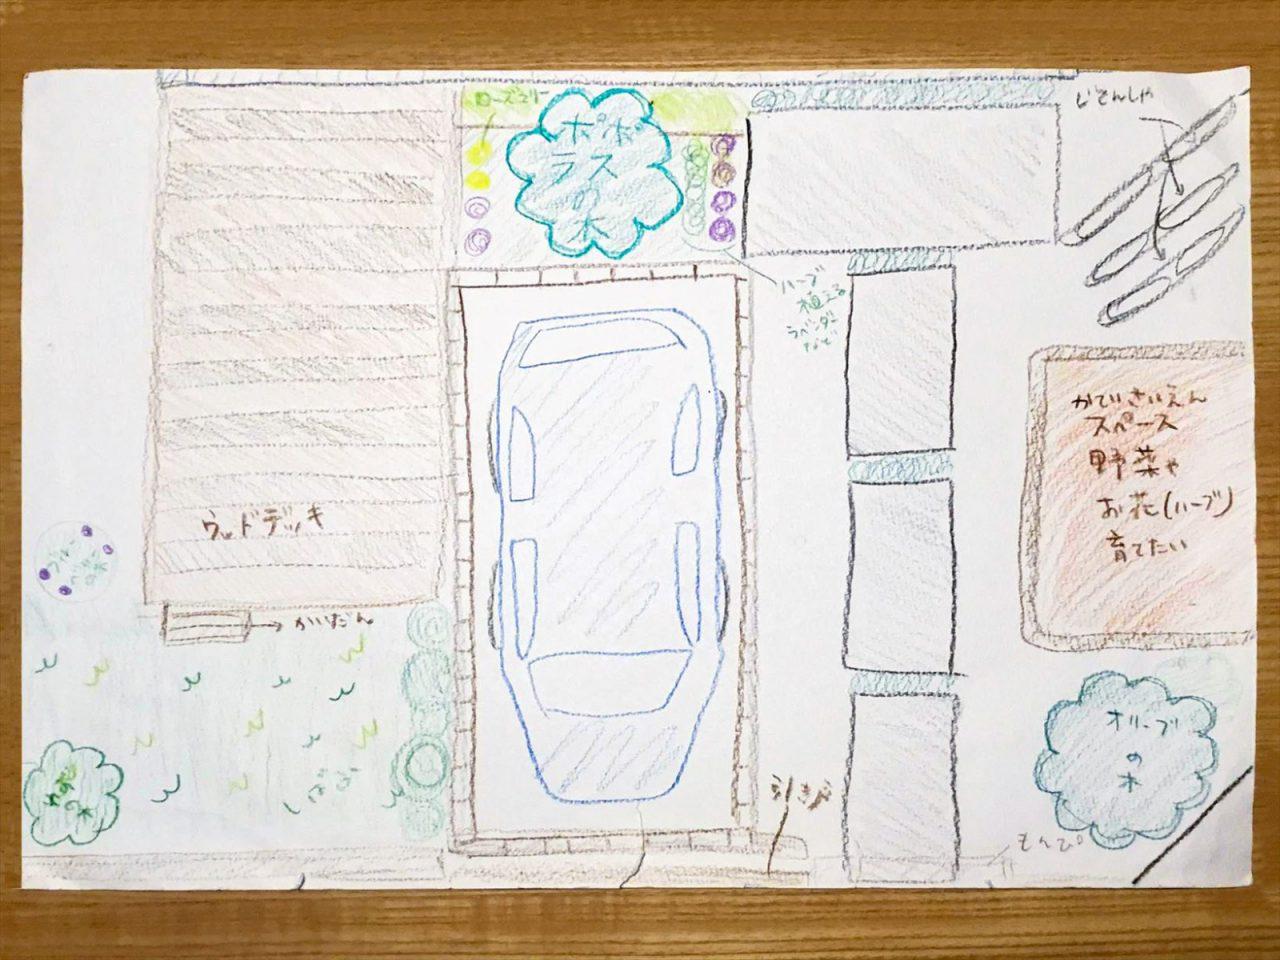 娘さんが小学生の頃に描いた庭のスケッチ。